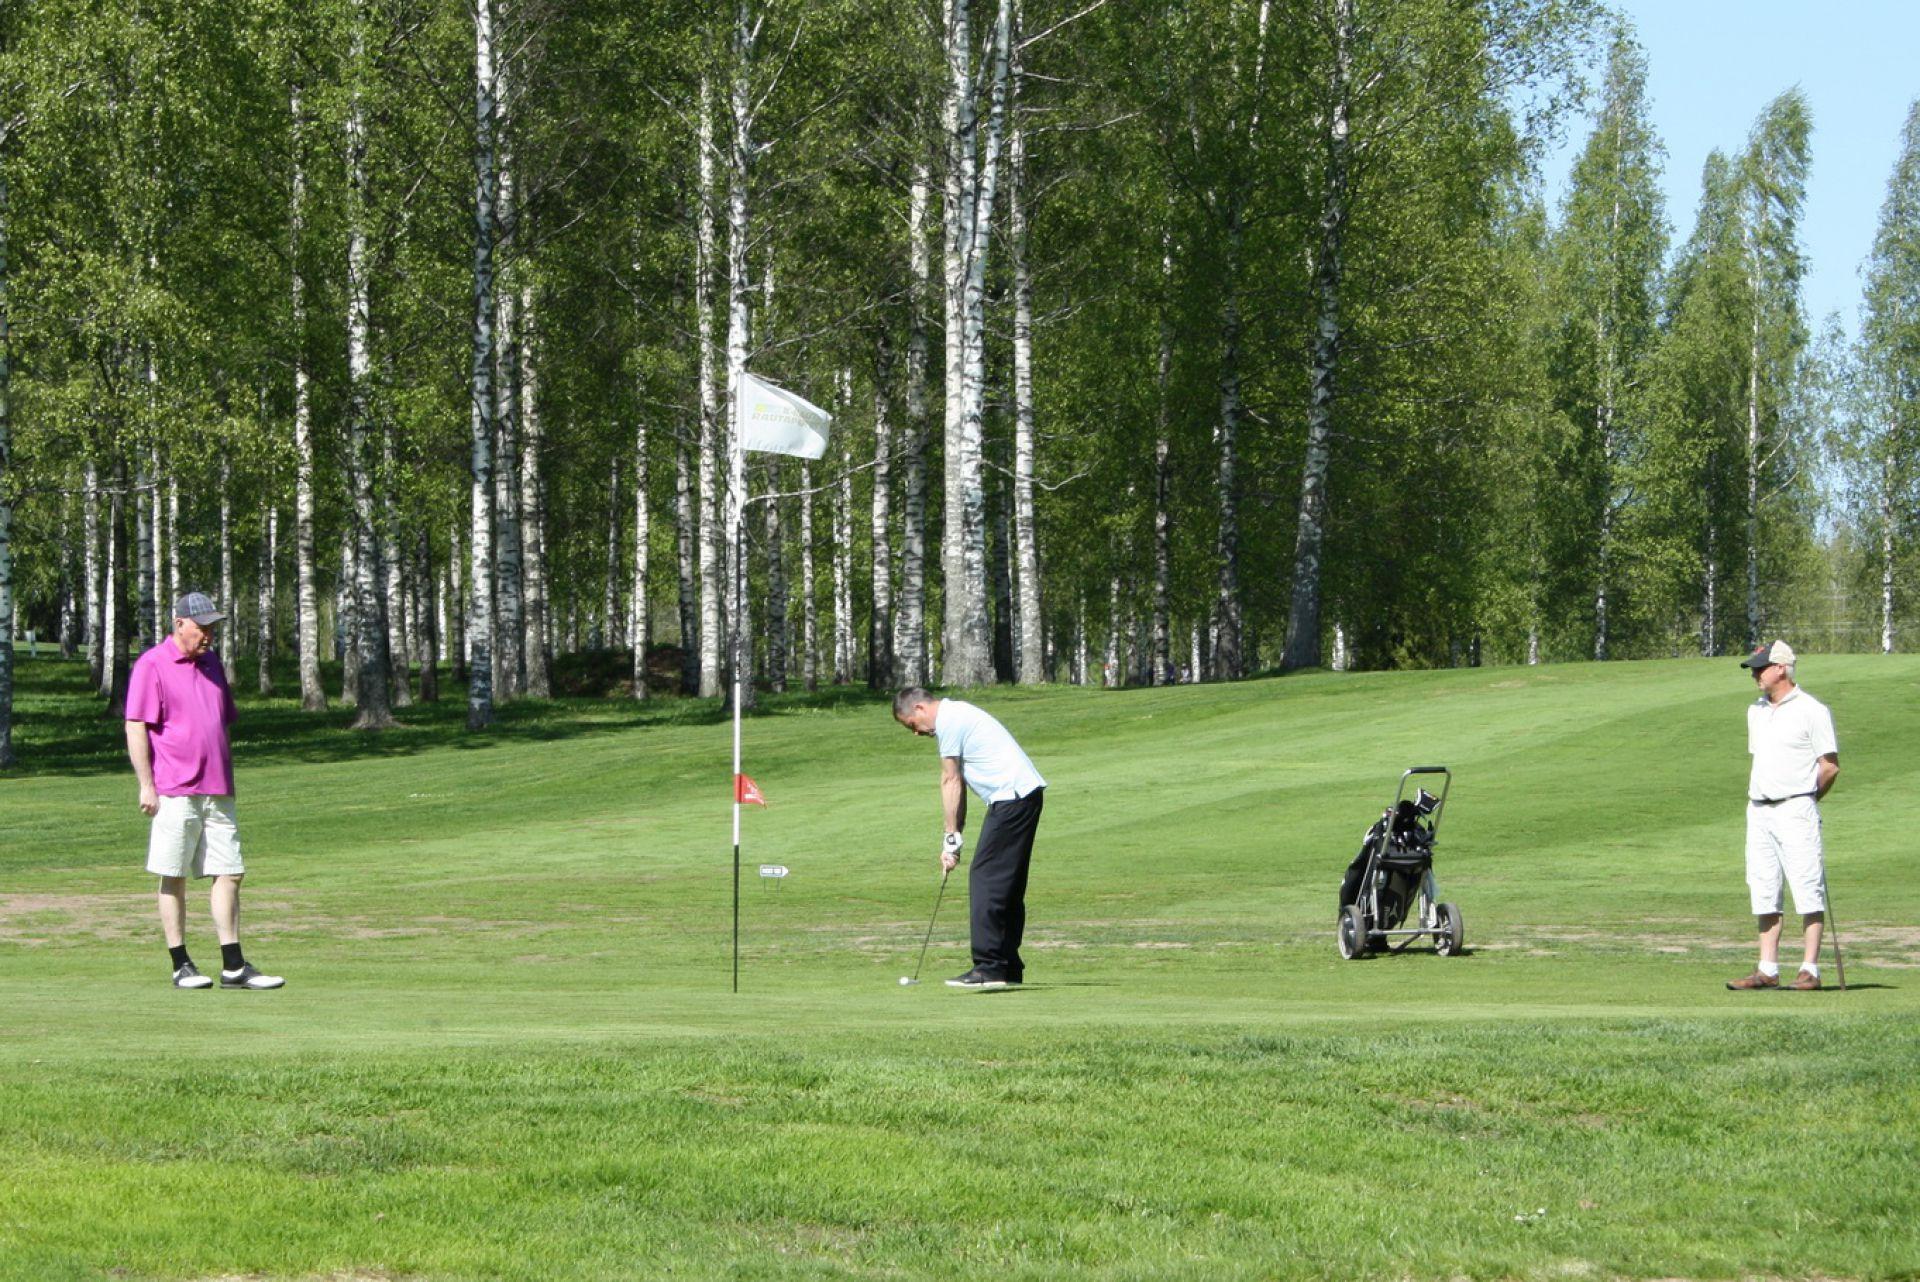 Honka — партнер турниров по гольфу